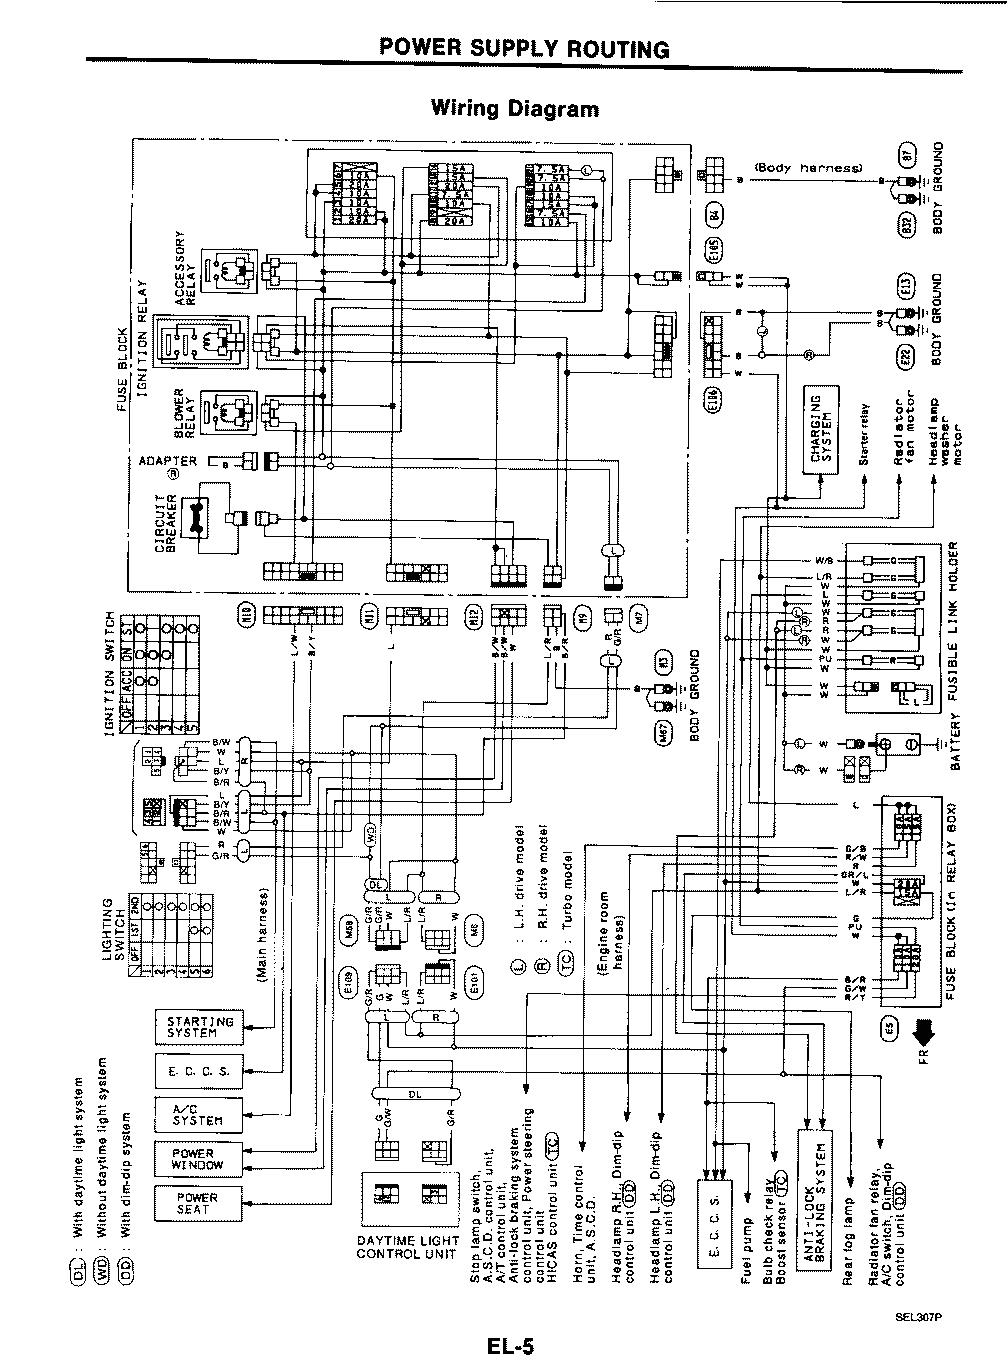 2006 Nissan Altima Fuel Pump Wiring Diagram